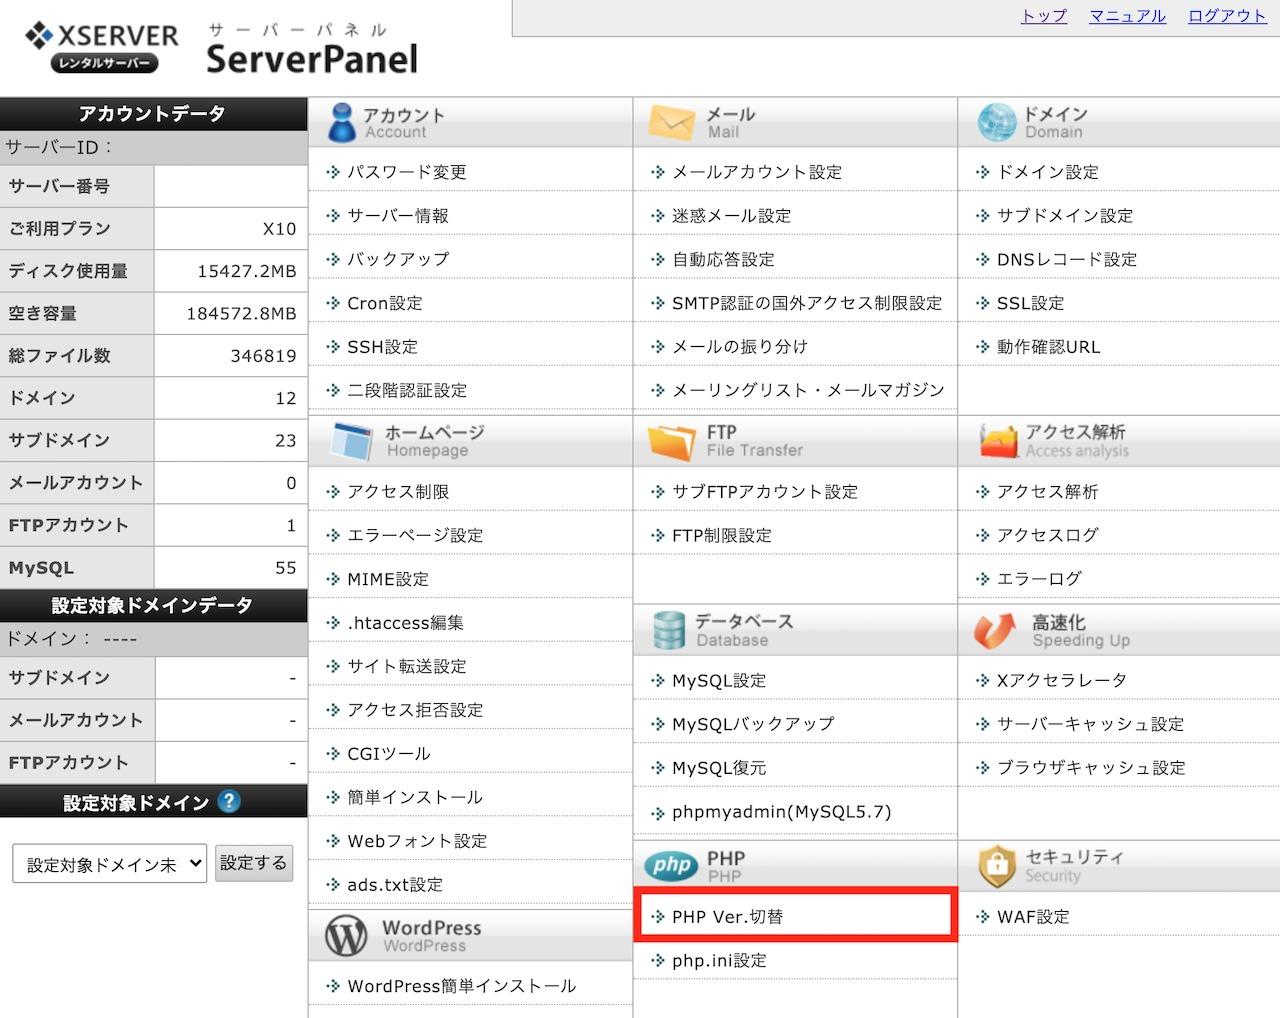 エックスサーバーでPHPのバージョンを変更する